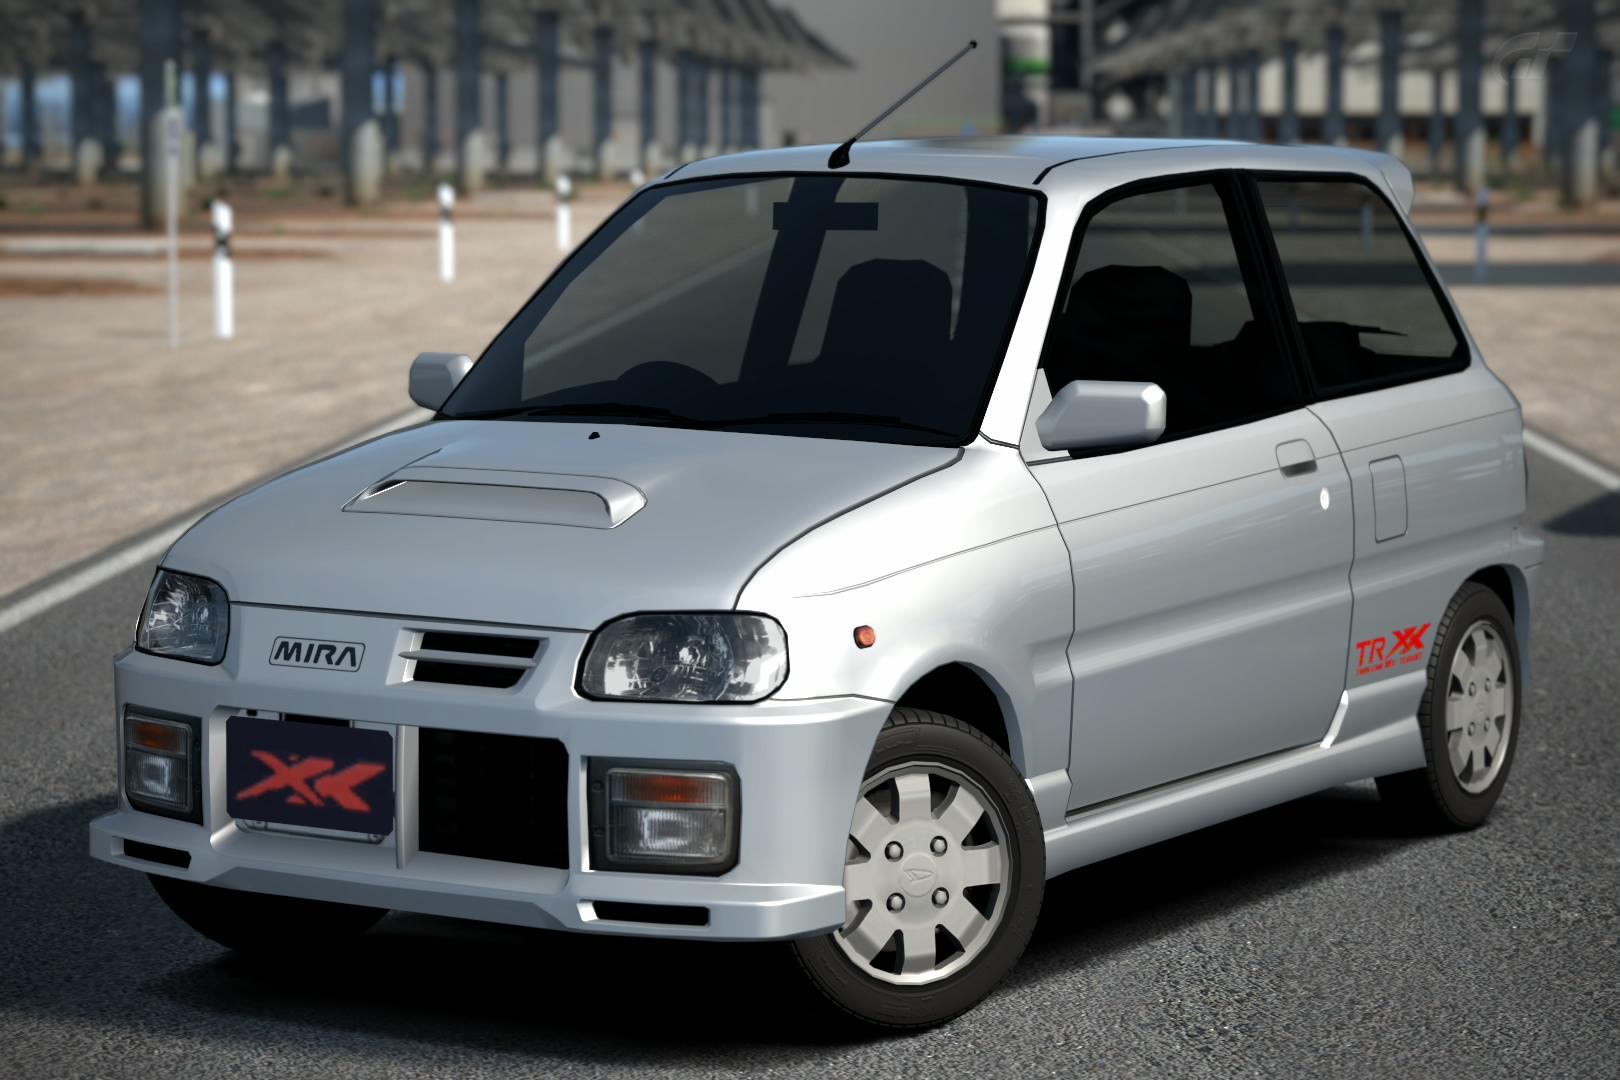 Daihatsu MIRA TR-XX Avanzato R '97